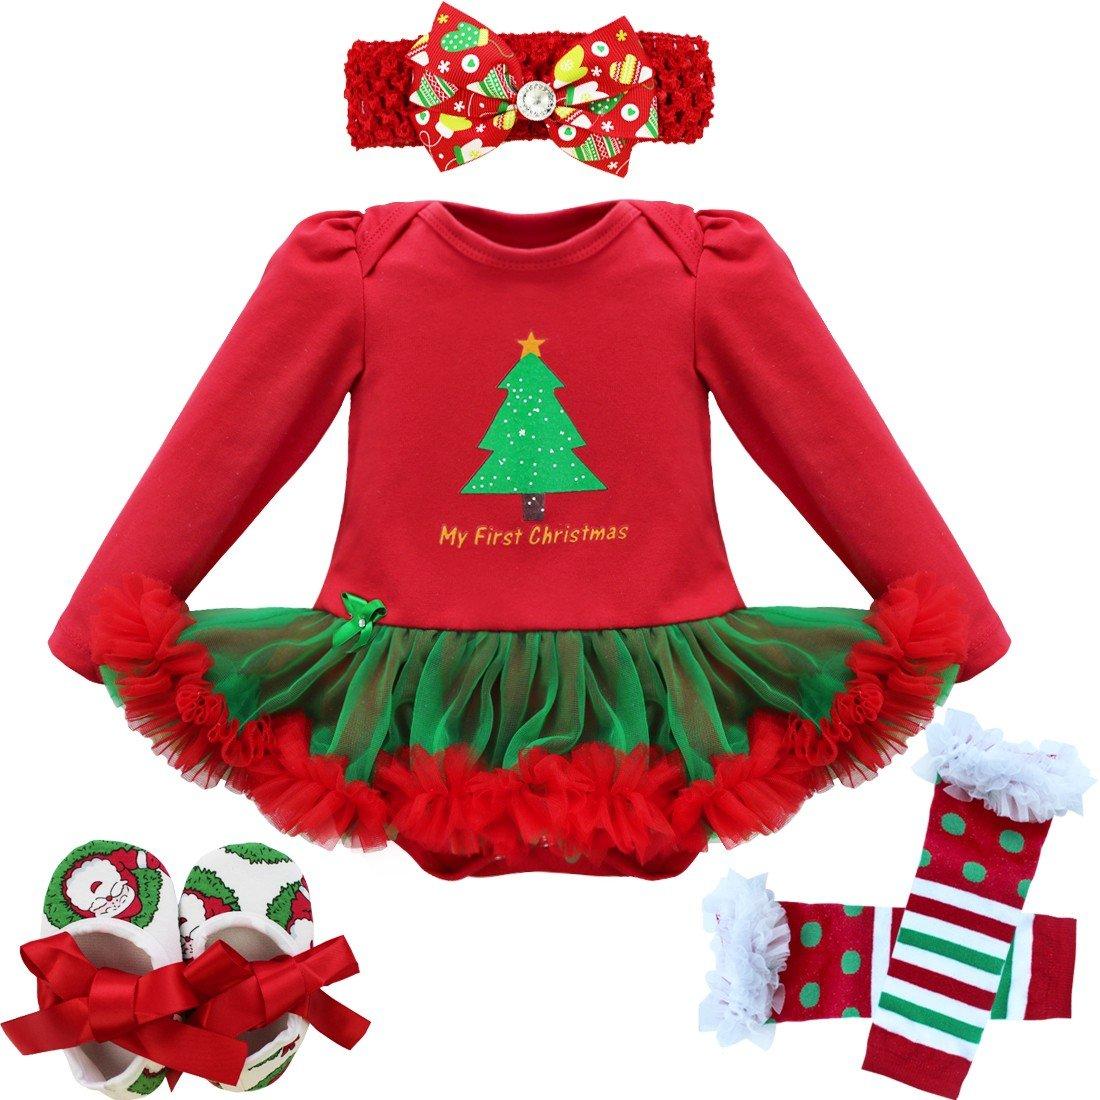 YiZYiF 3 St/ück Baby M/ädchen Weihnachten Outfits Set Weihnachtsmann Kost/üm Langarm//Kurzarm Strampler Bodysuit mit T/üt/ü Kleid Schuhe Stirnband